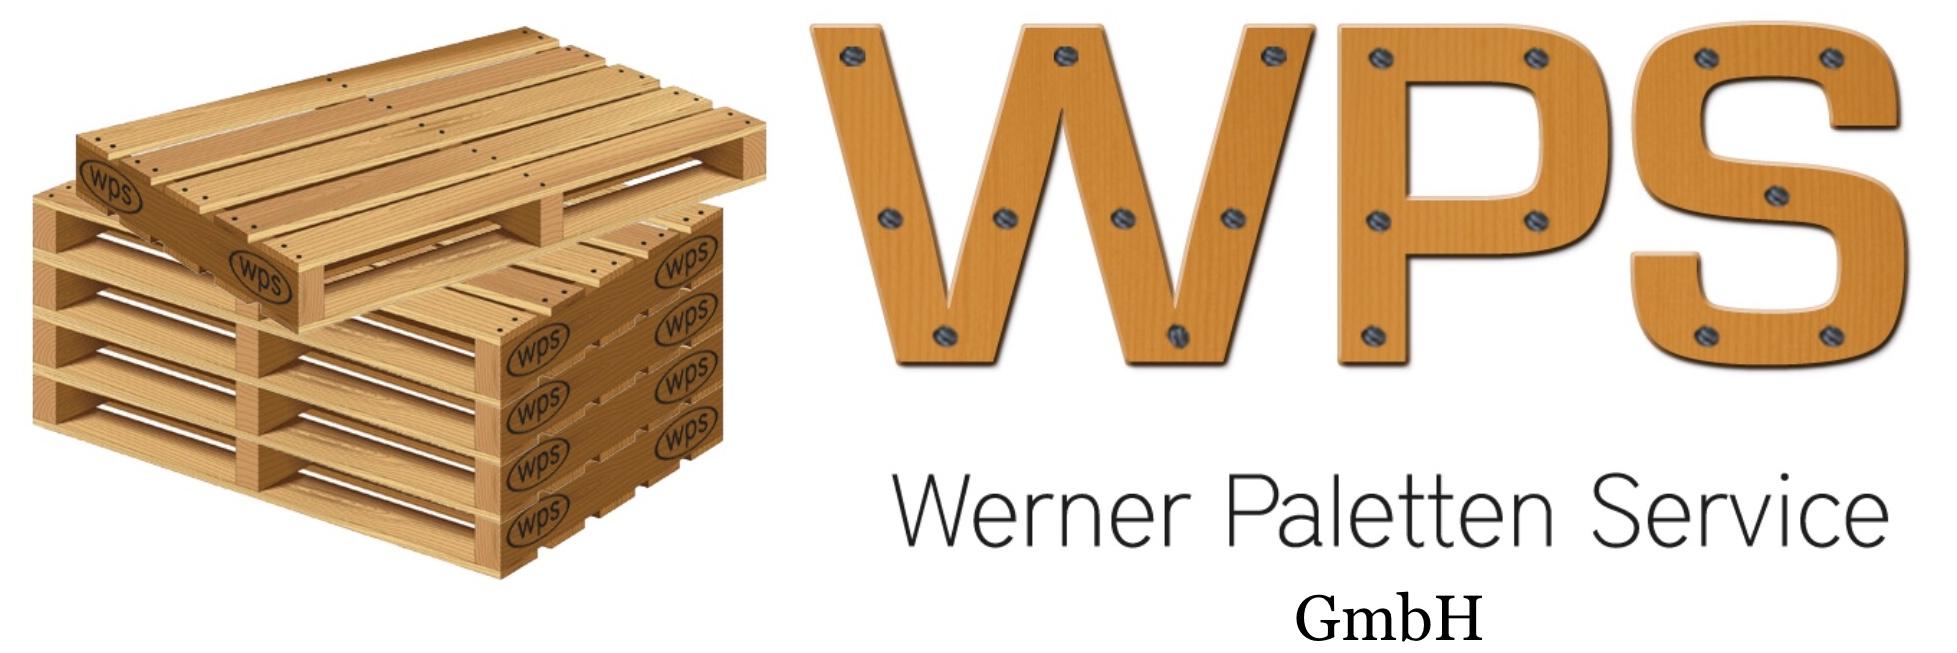 Werner Paletten Service GmbH